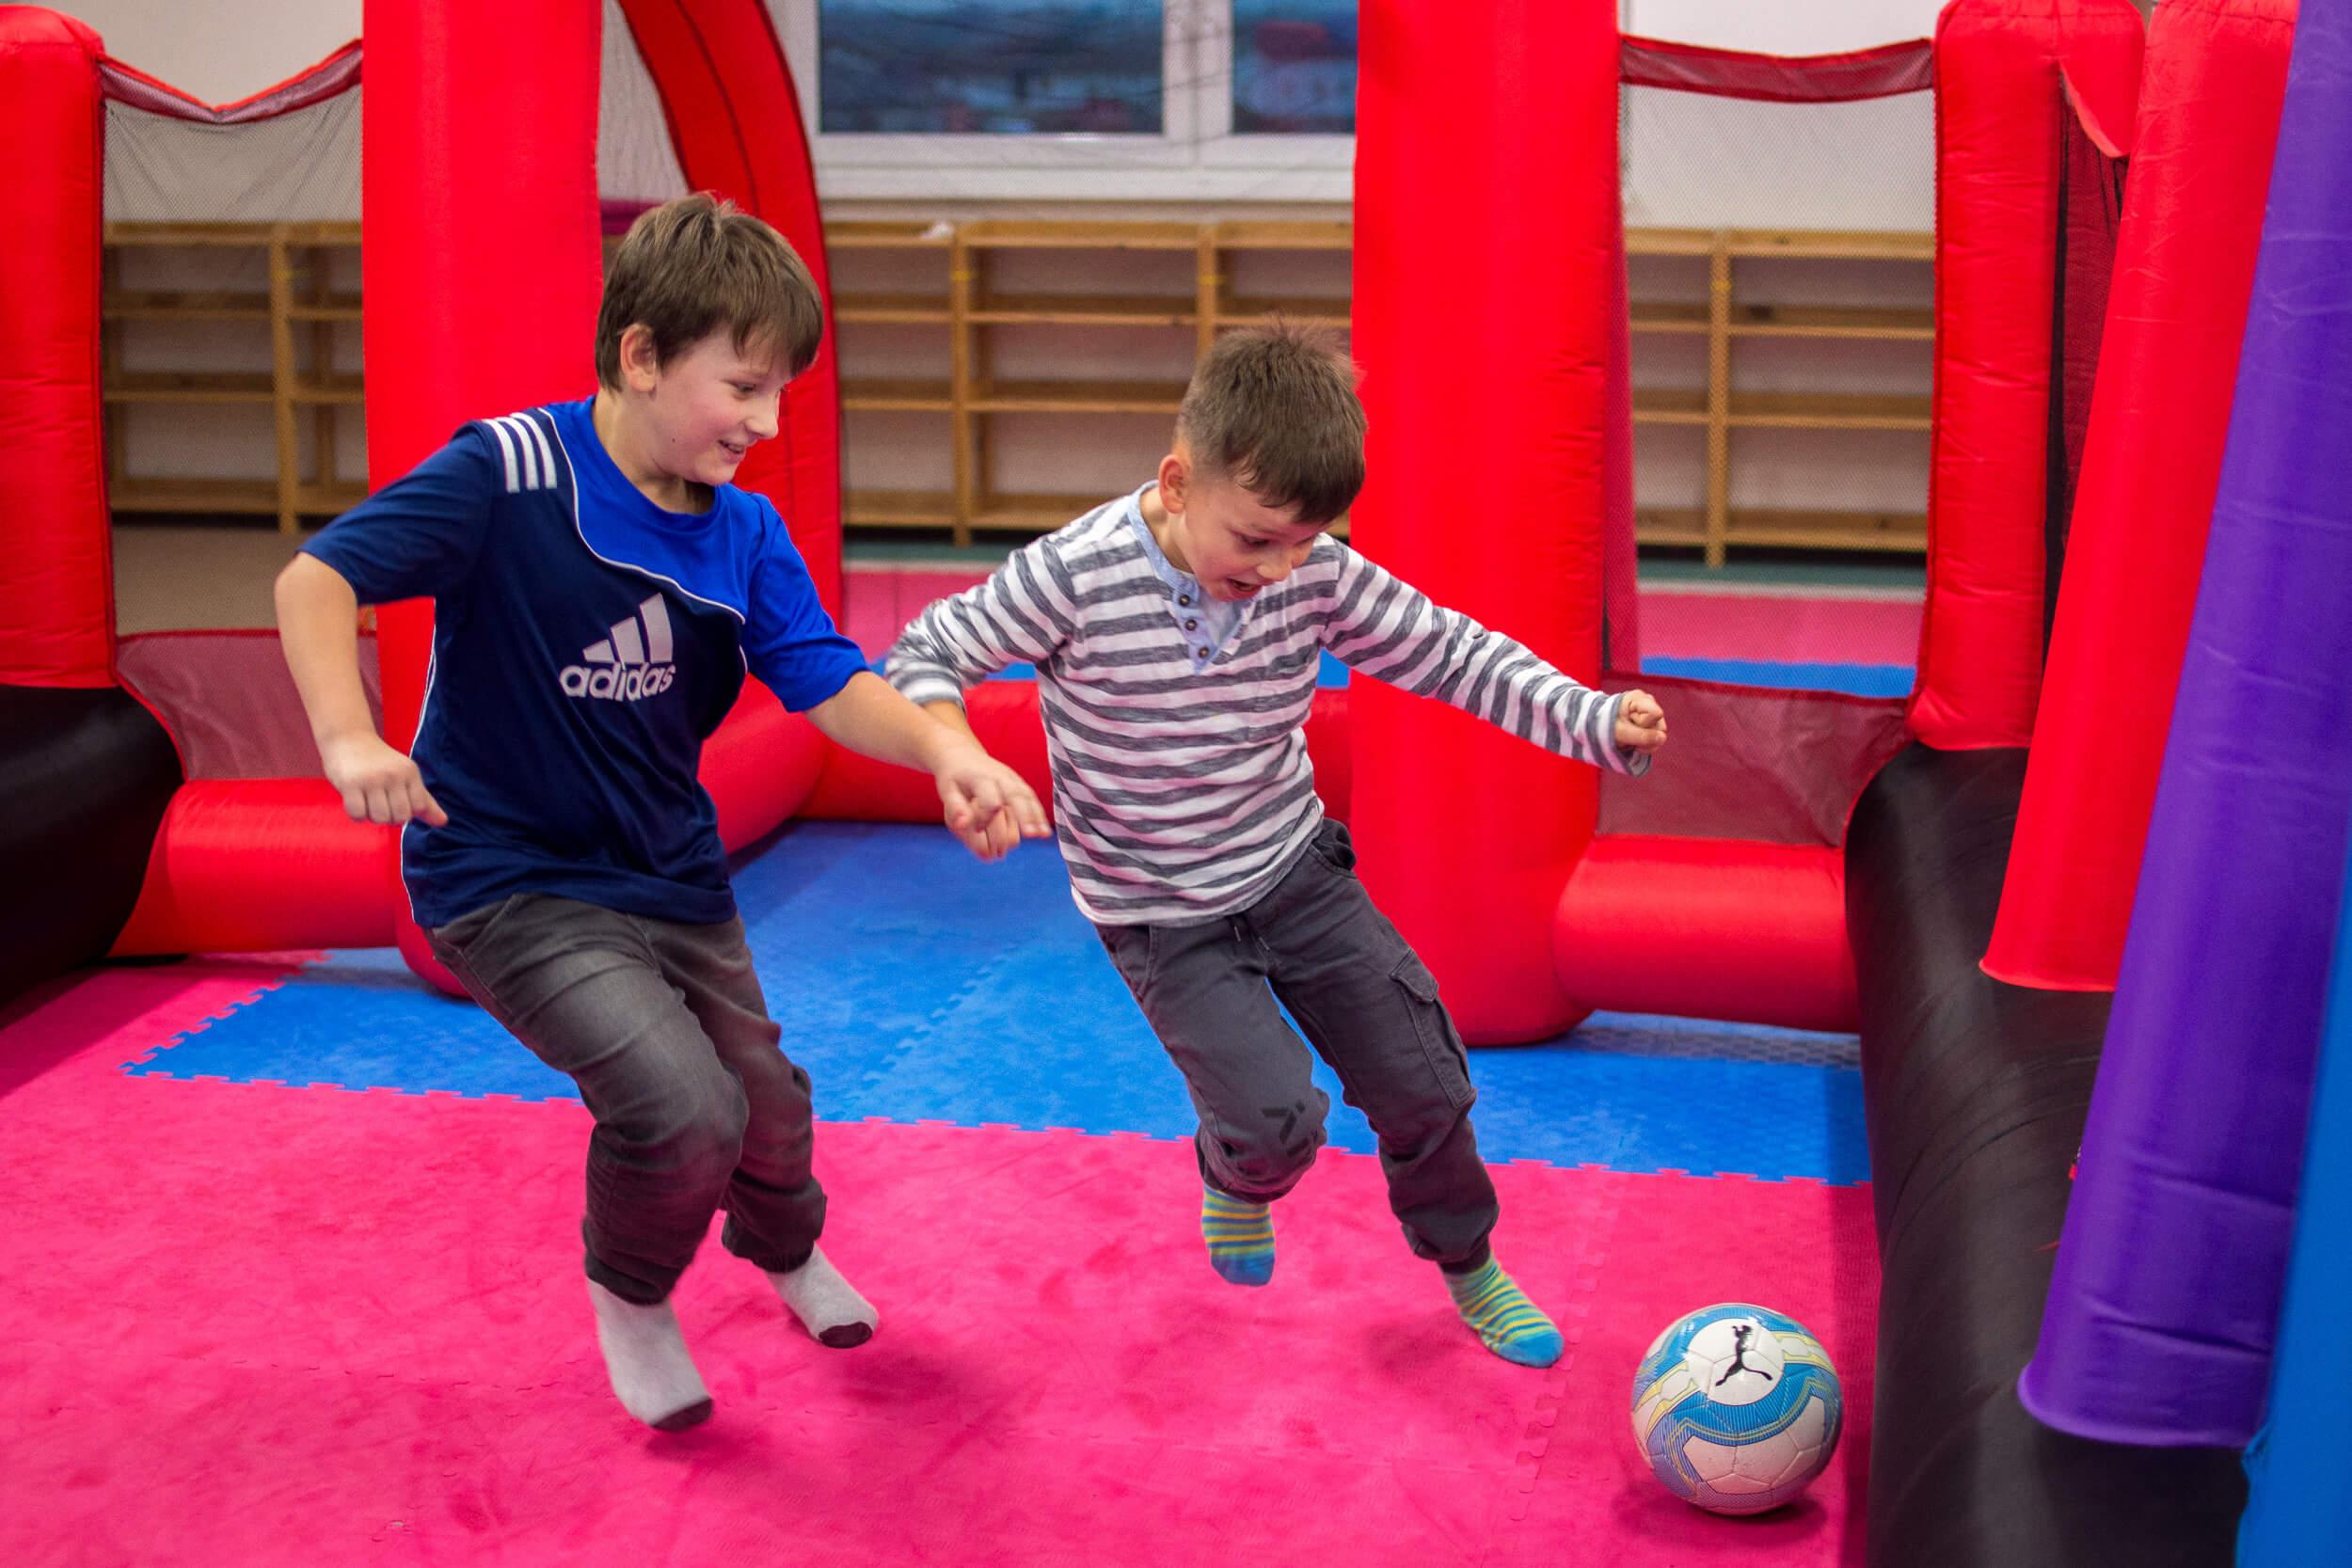 Futbalové ihrisko Zahrajte si futbal vnafukovacom futbale, veľká zábava pre malých iveľkých.